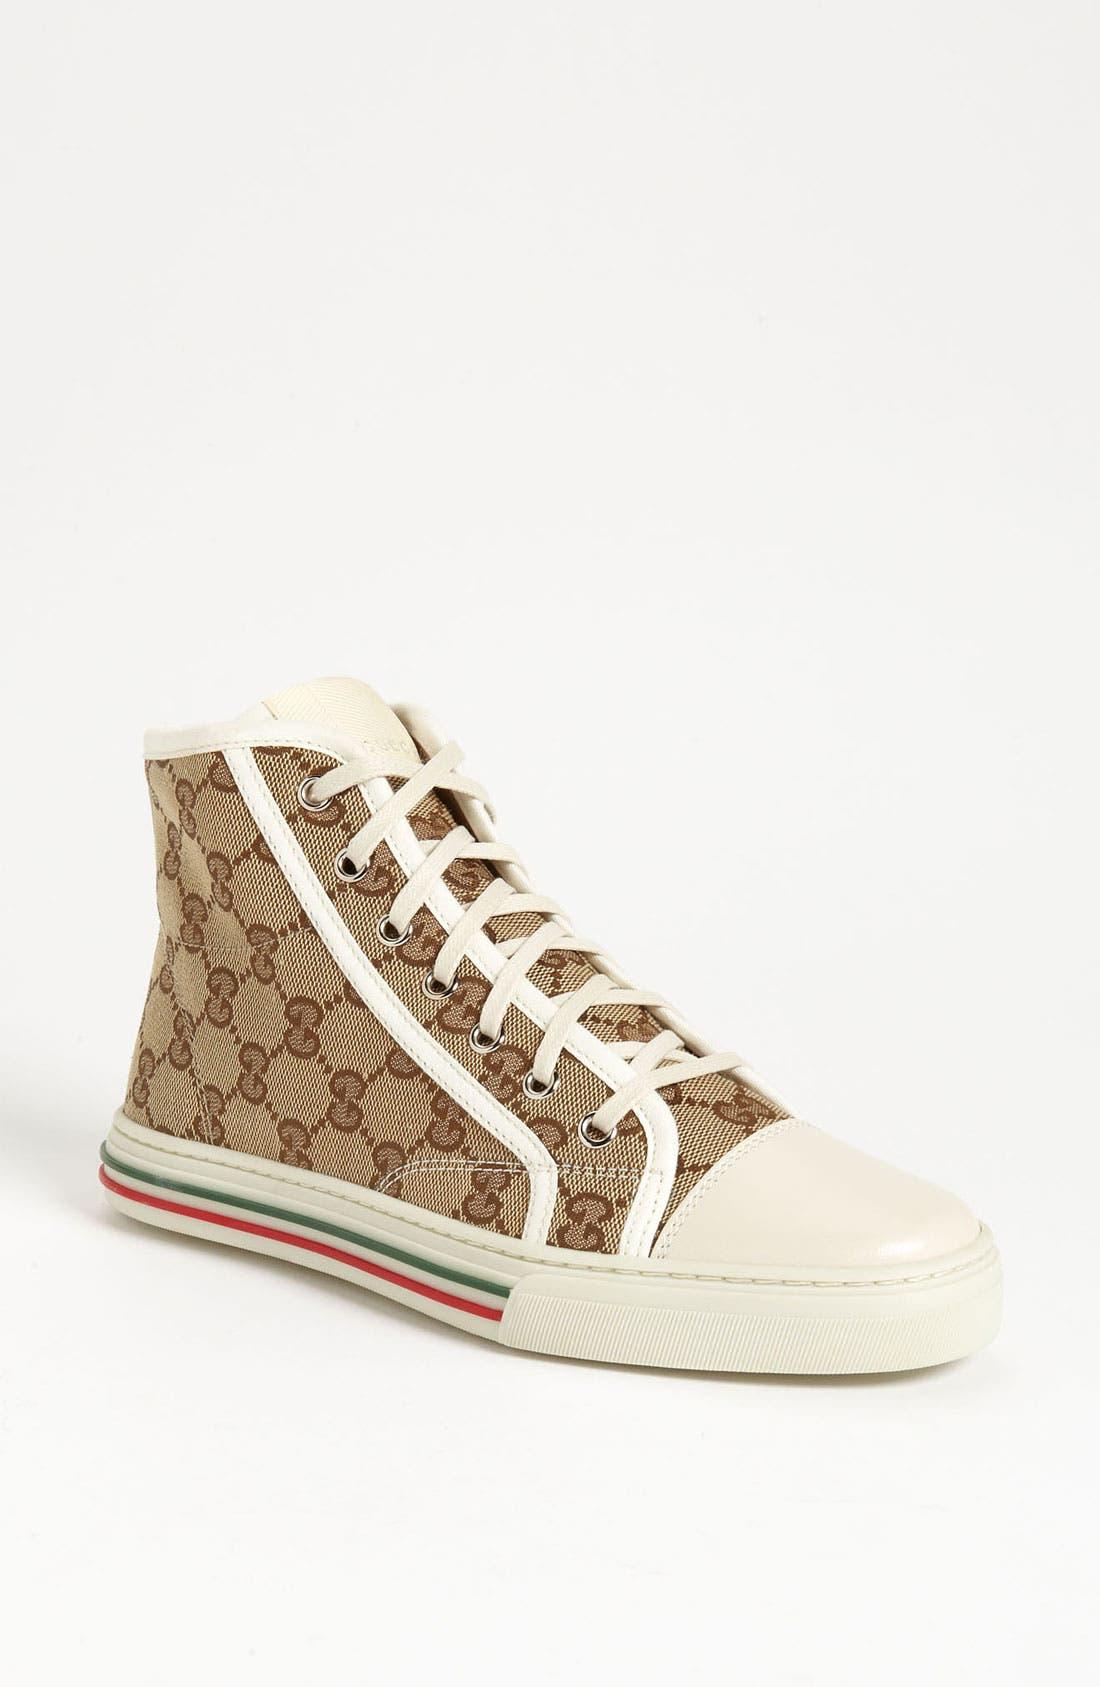 Alternate Image 1 Selected - Gucci 'California' High Top Sneaker